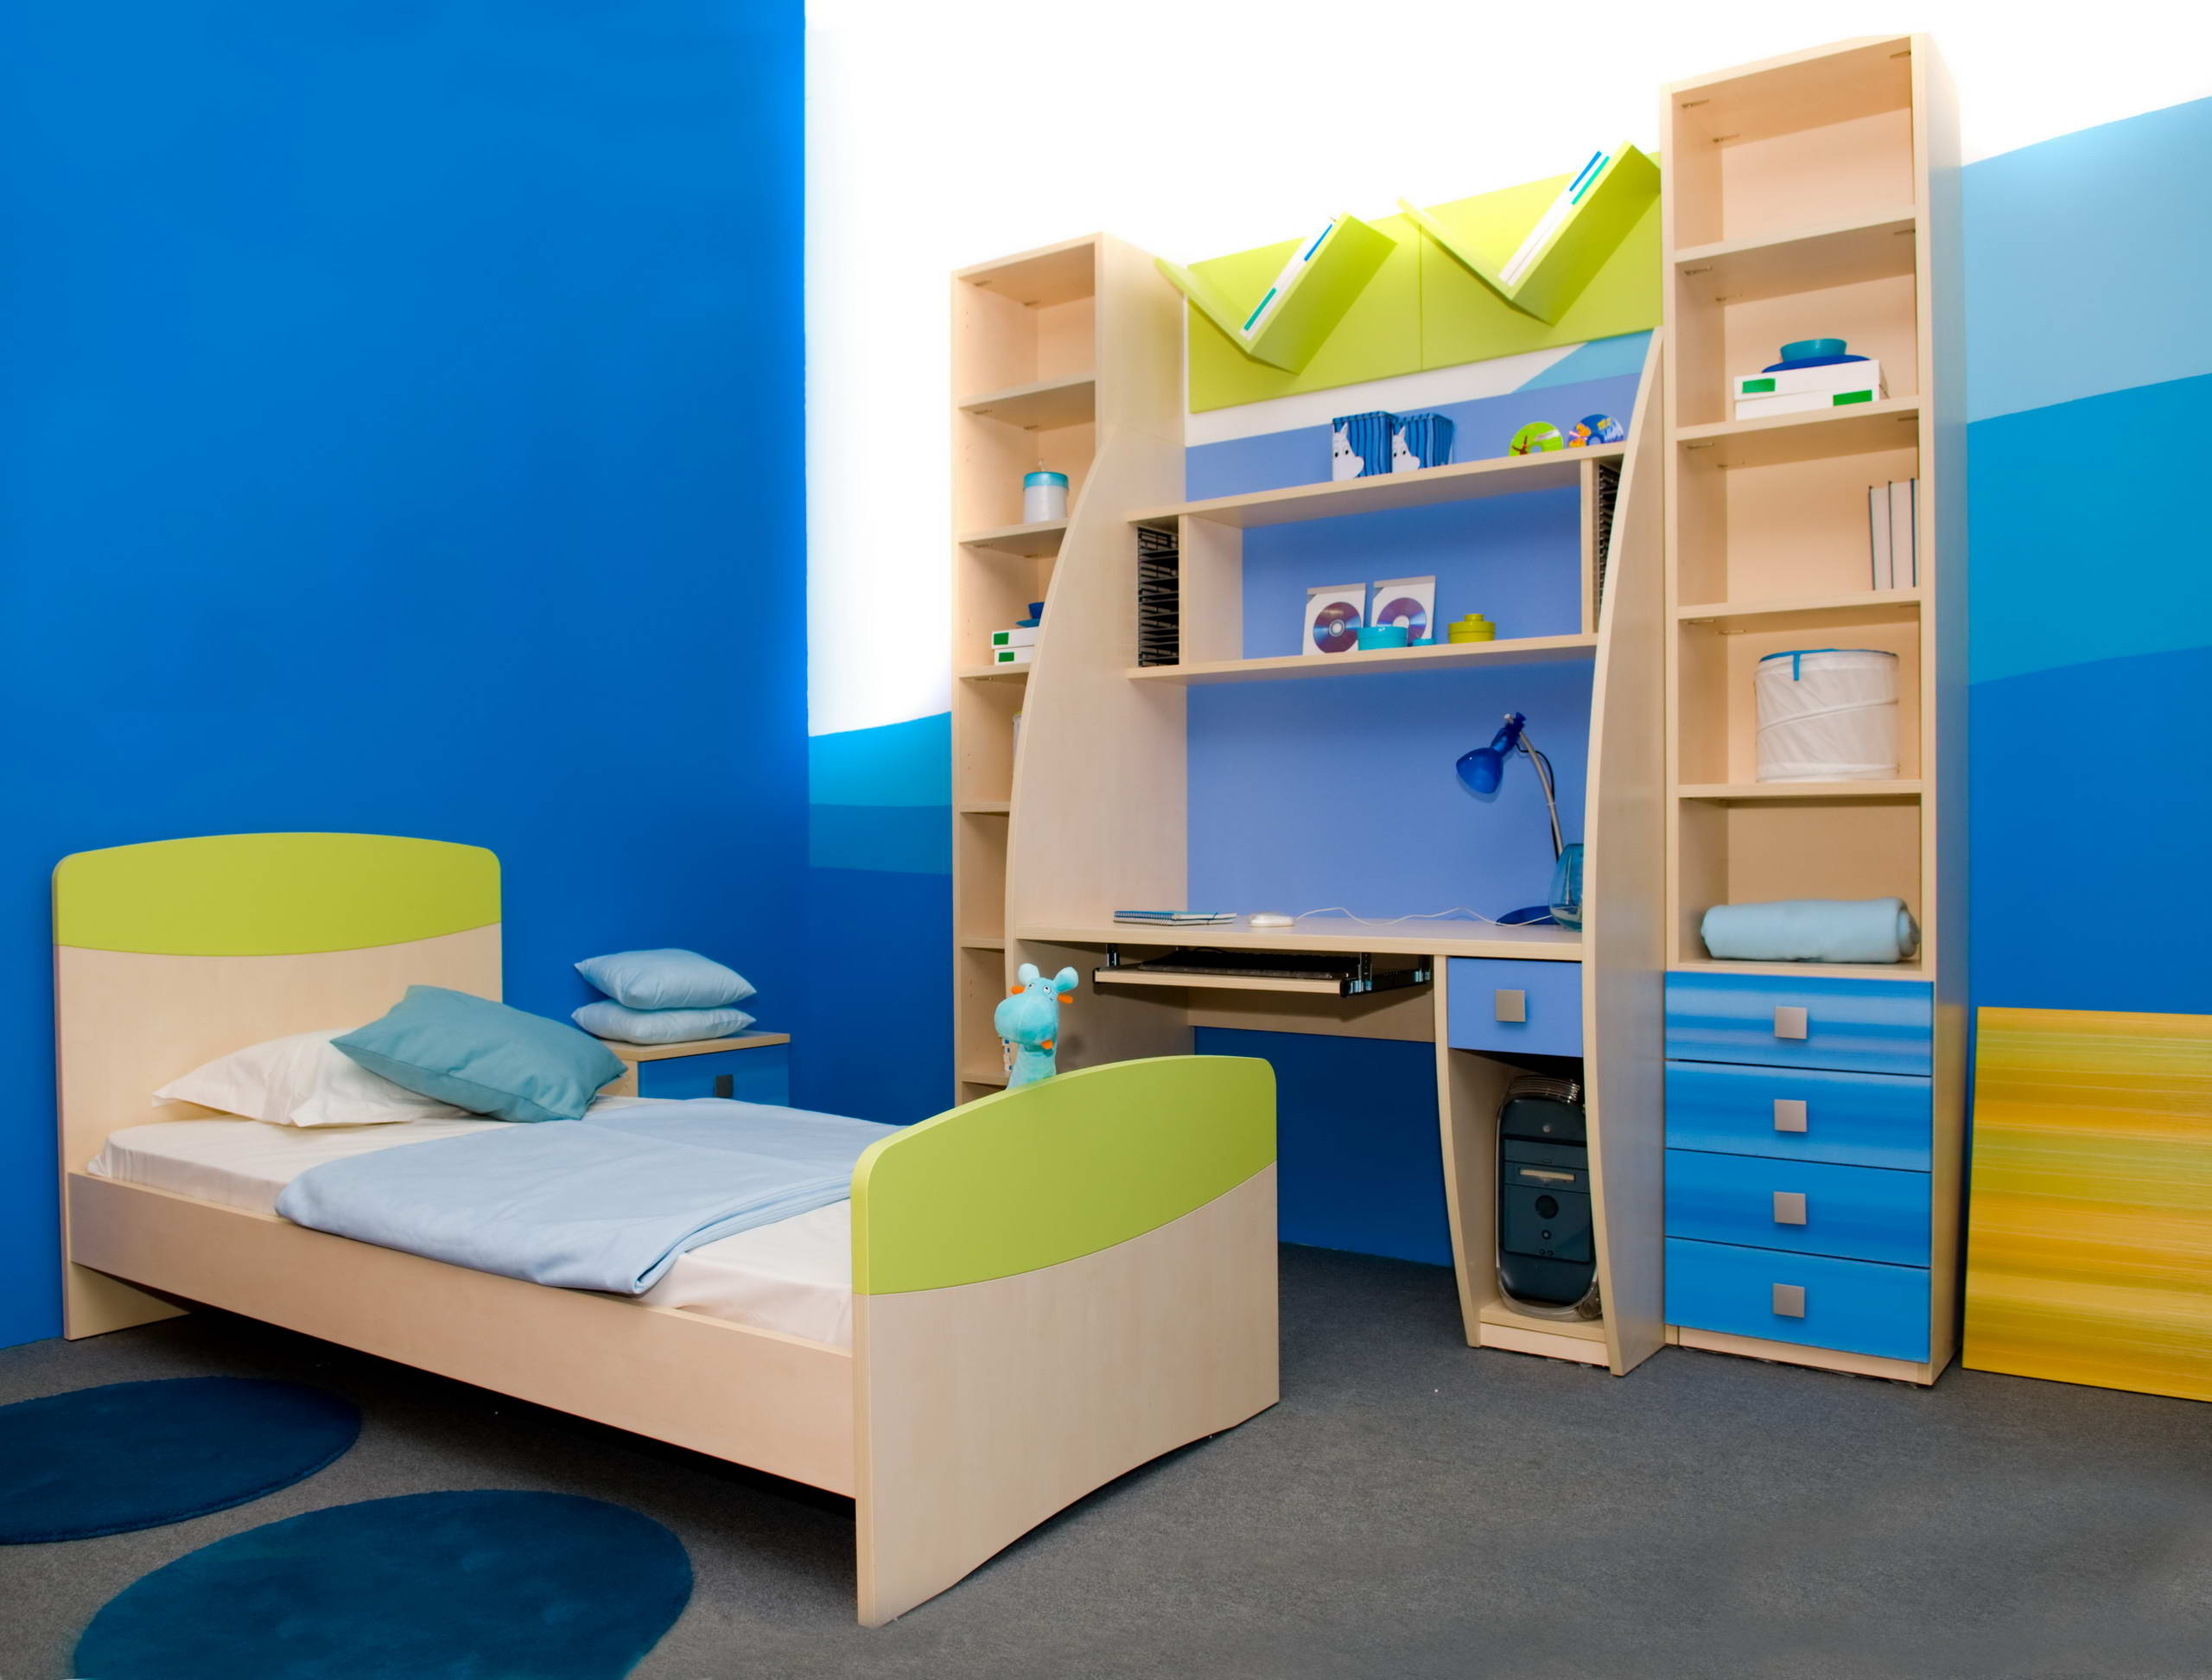 мебель фотографии: